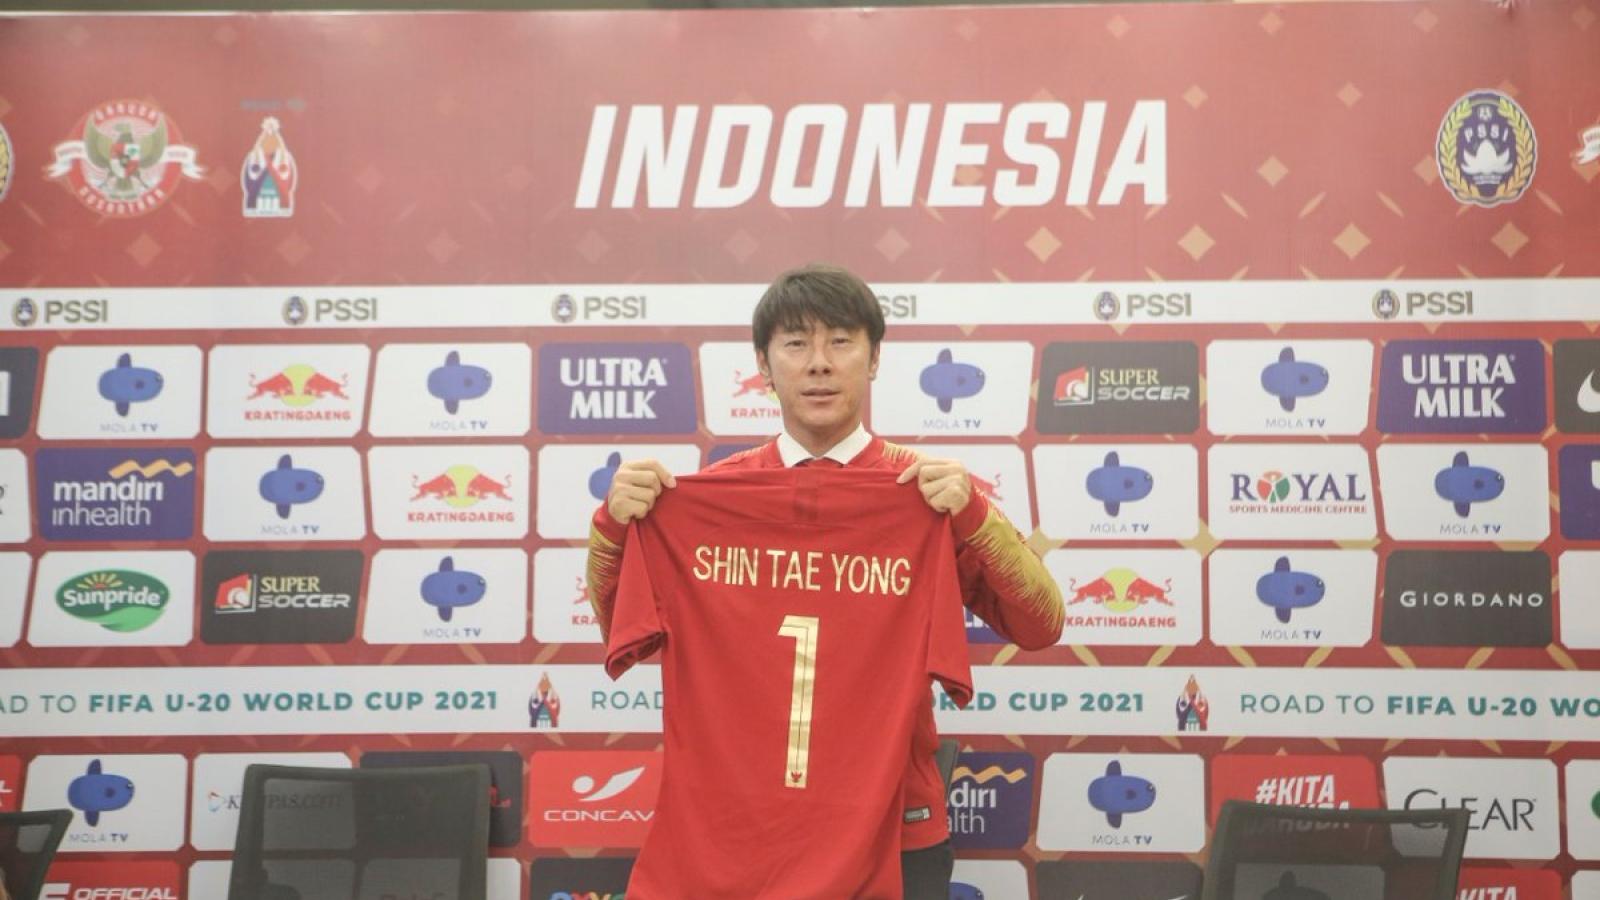 Vì Covid-19, LĐBĐ Indonesia nợ lương đồng hương HLV Park Hang Seo